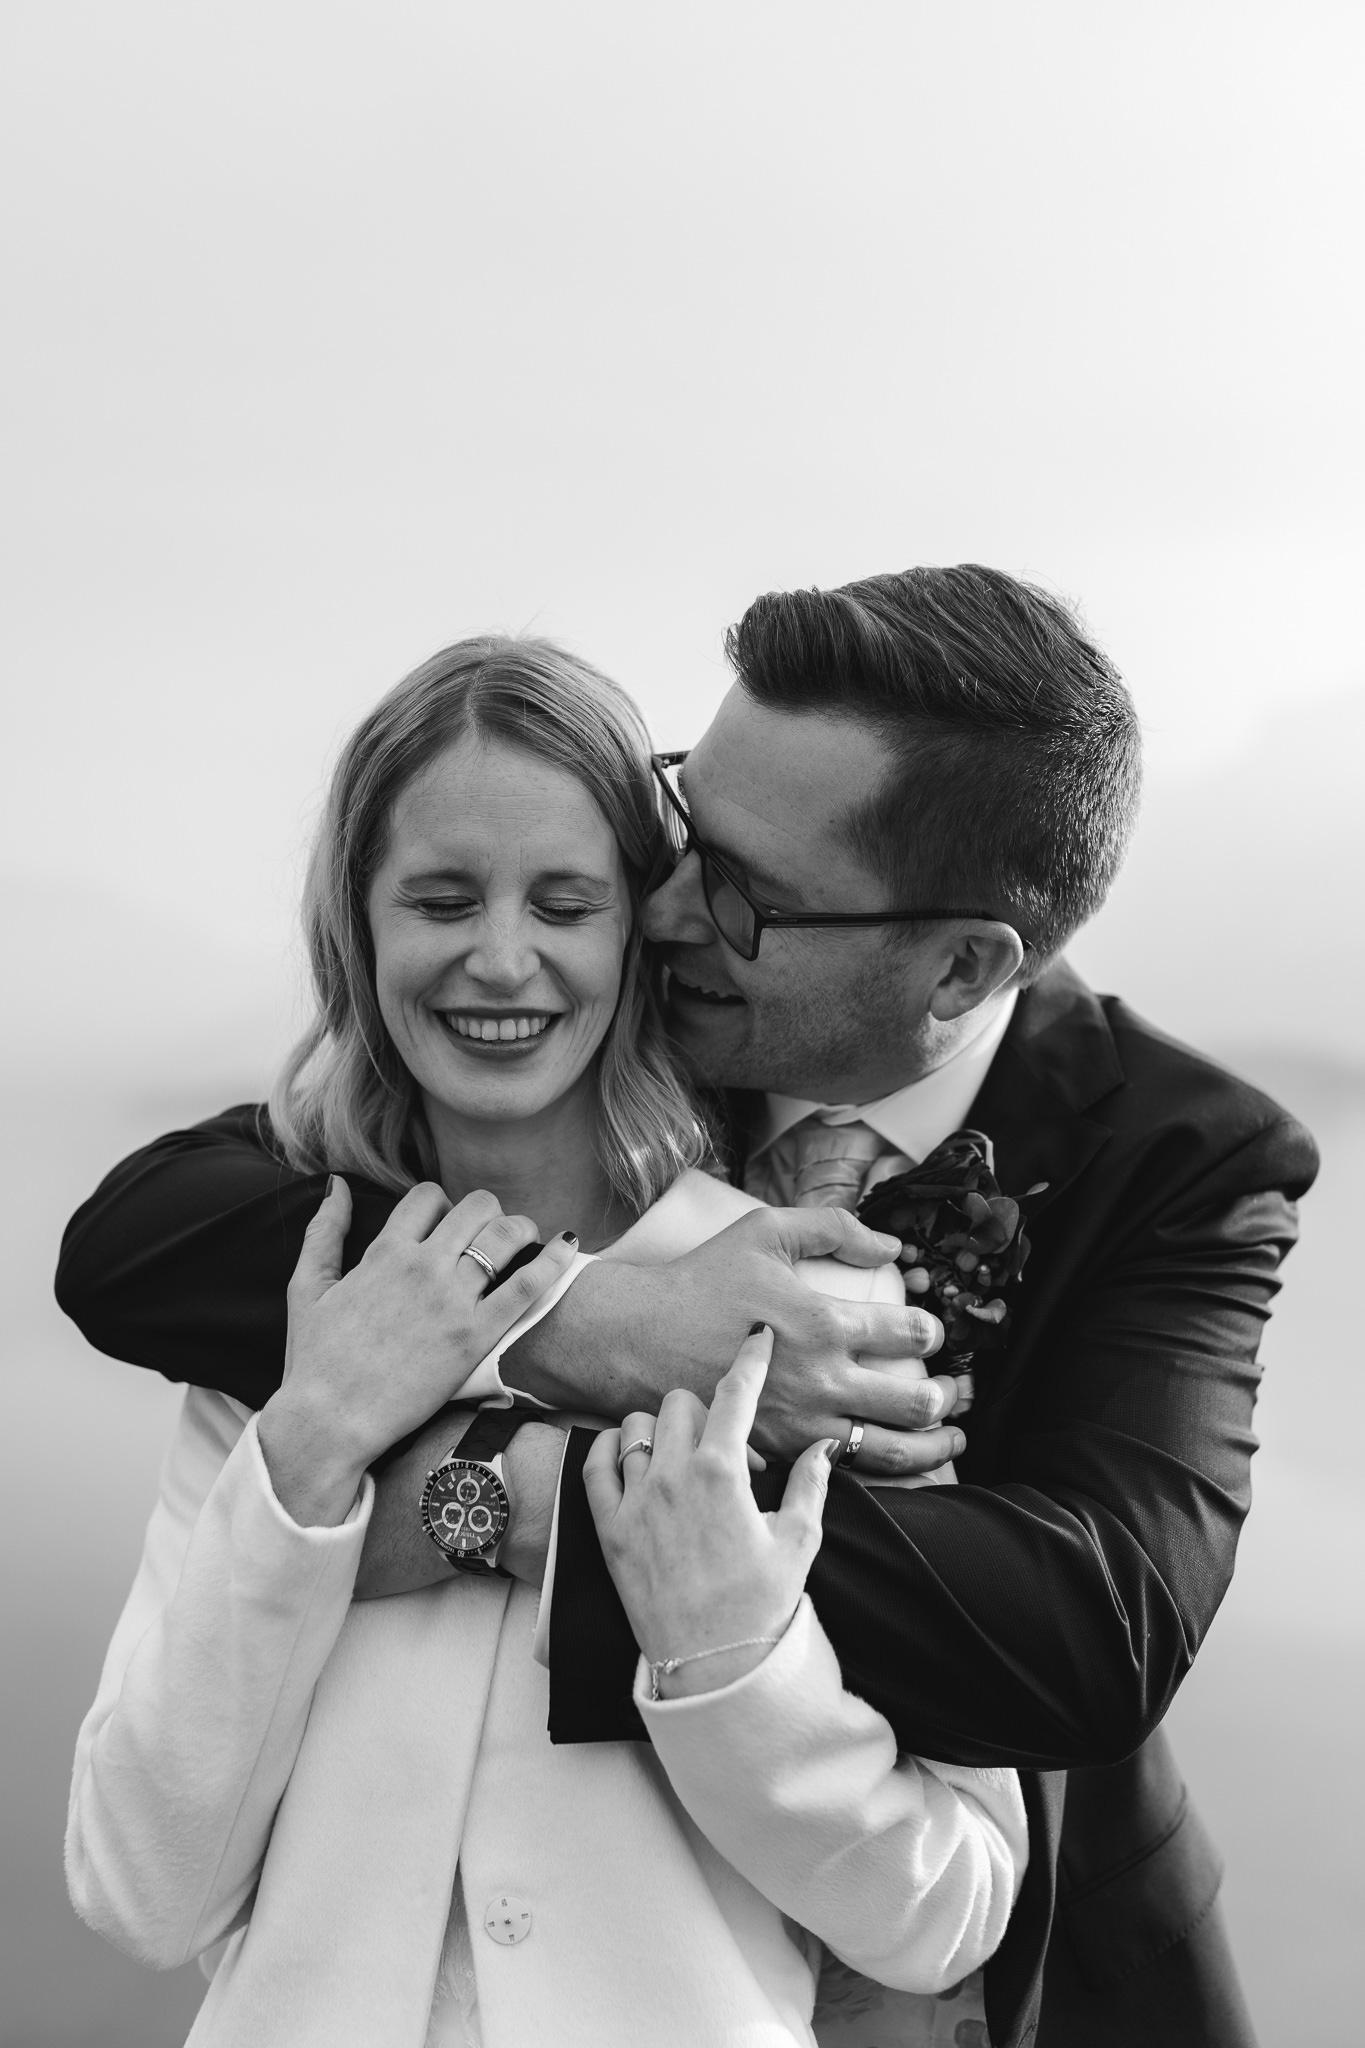 Paar Mondsee Umarmung Hochzeit Wedding